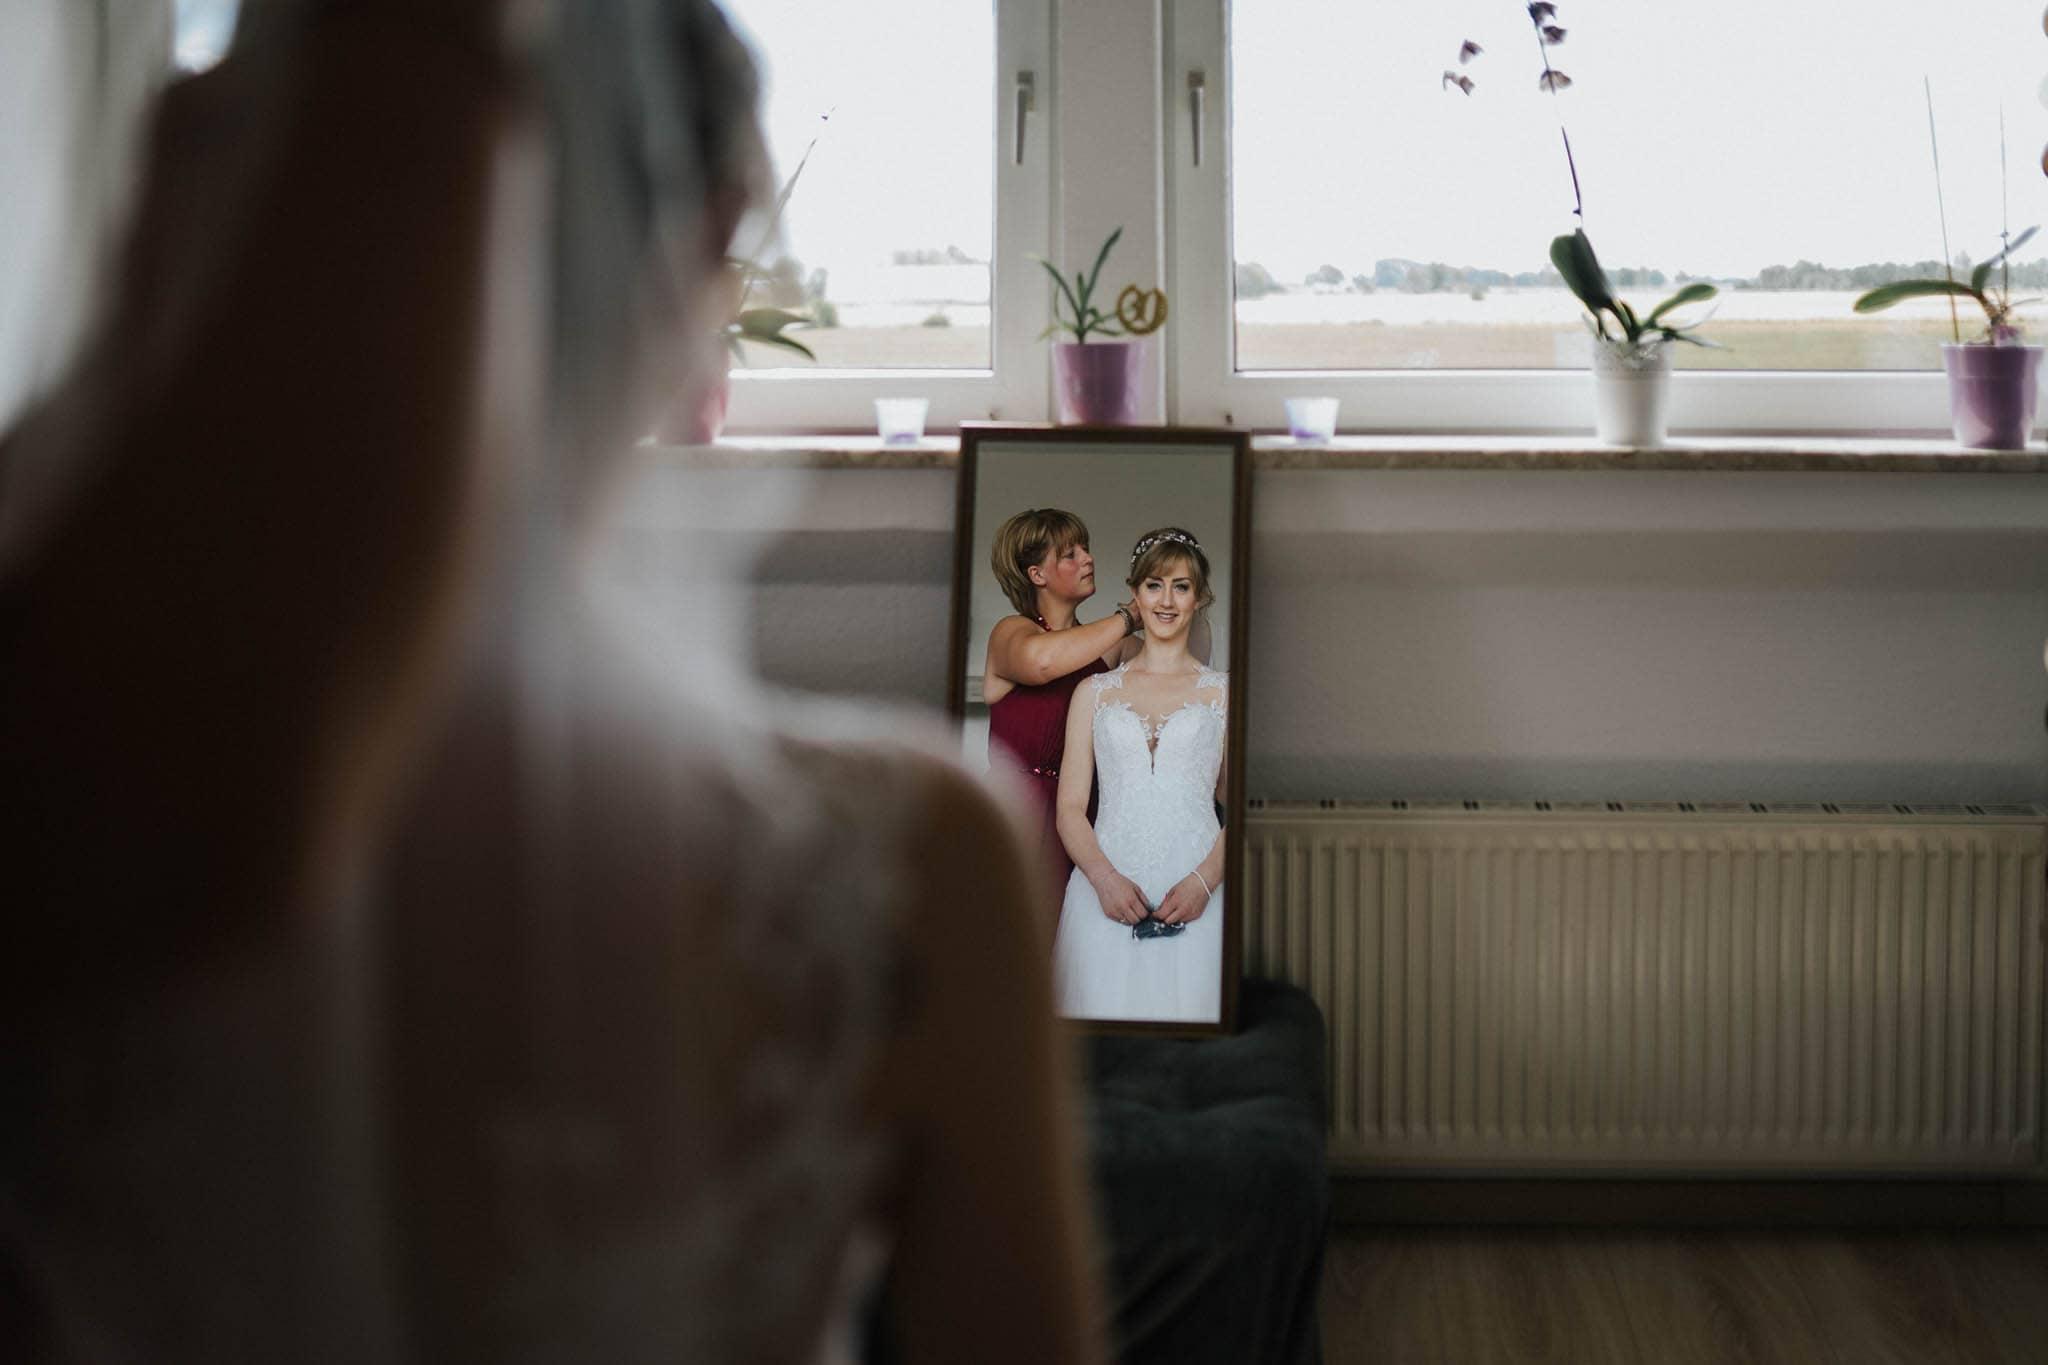 Hochzeitsfieber by Photo-Schomburg, Hoichzeitsfotograf, Hamburg, Wedding, Weddingtime, Hochzeitspaar, Braut, Bräutigam, Hochzeit im Norden,-32